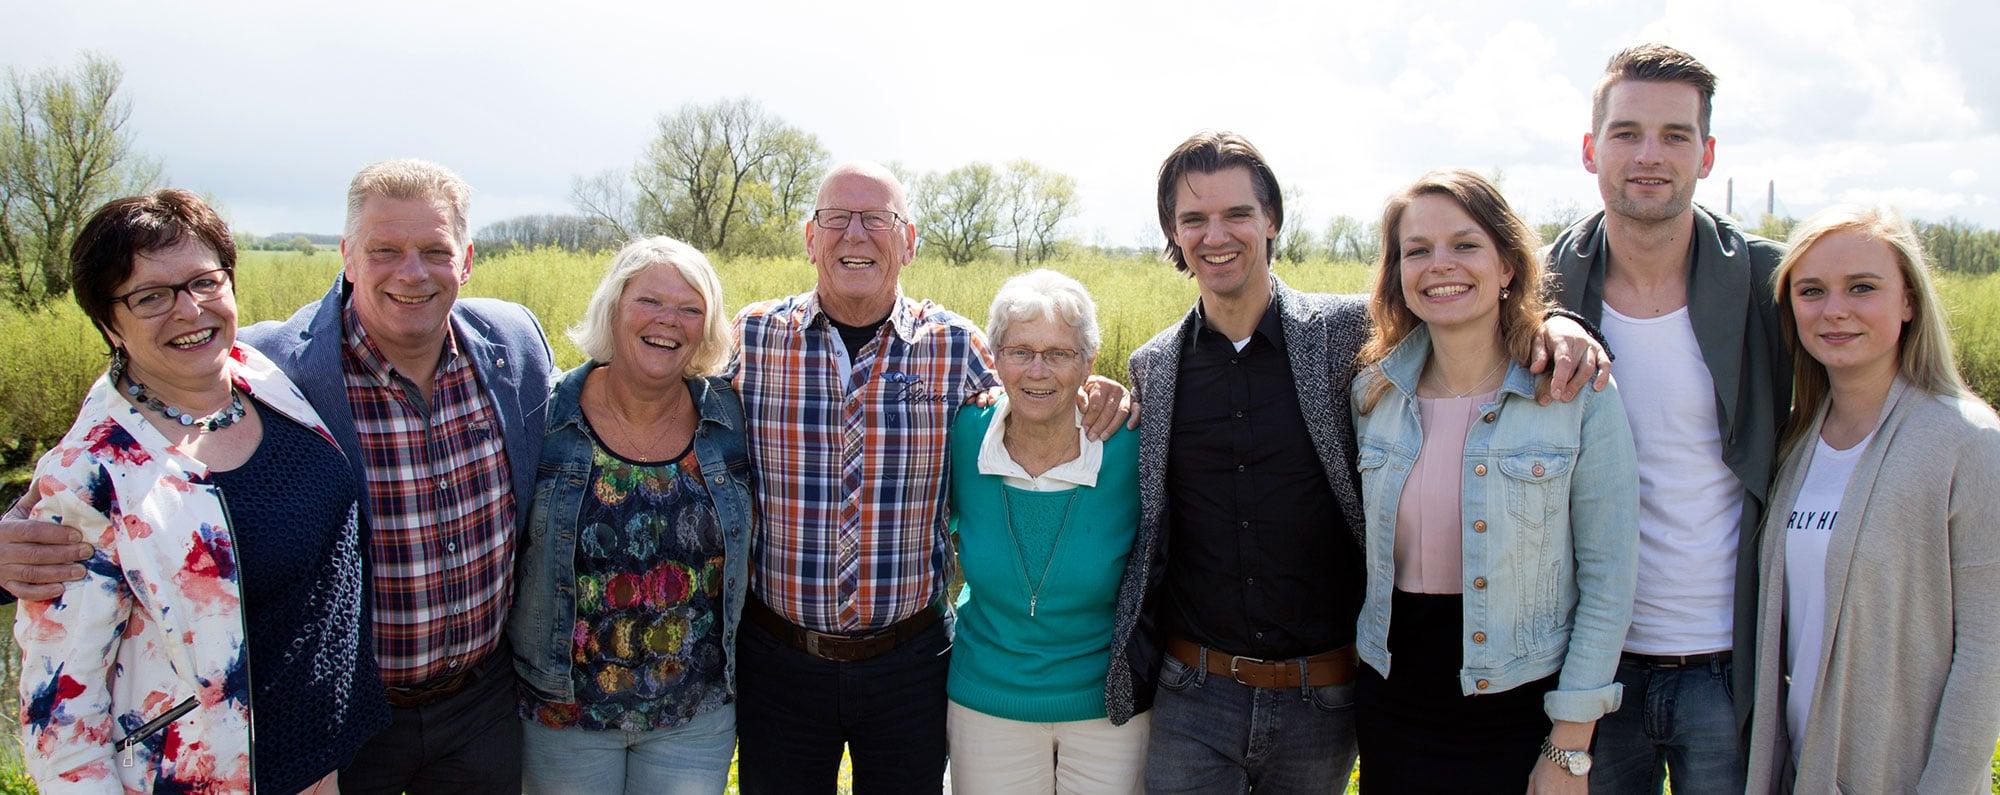 familie fotoshoot denbosch